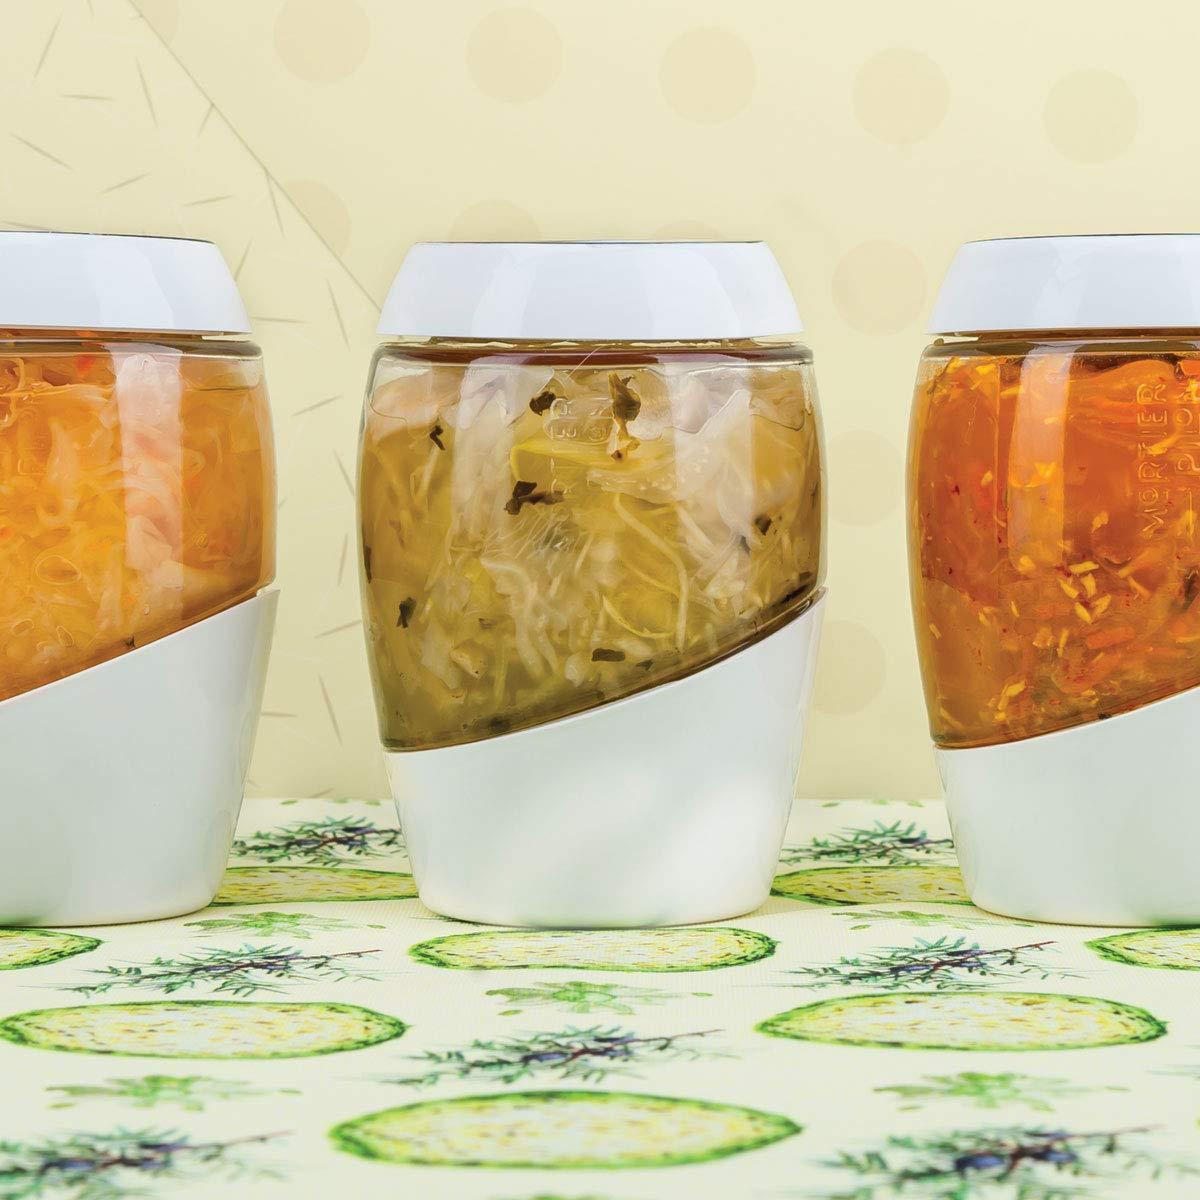 Free Recetas Libro Perfecto para Hacer Alimentos sanos fermentados en casa 5L Tarro de fermentaci/ón con Pesos de cer/ámica Mortier Pilon 5L Fermentation Crock